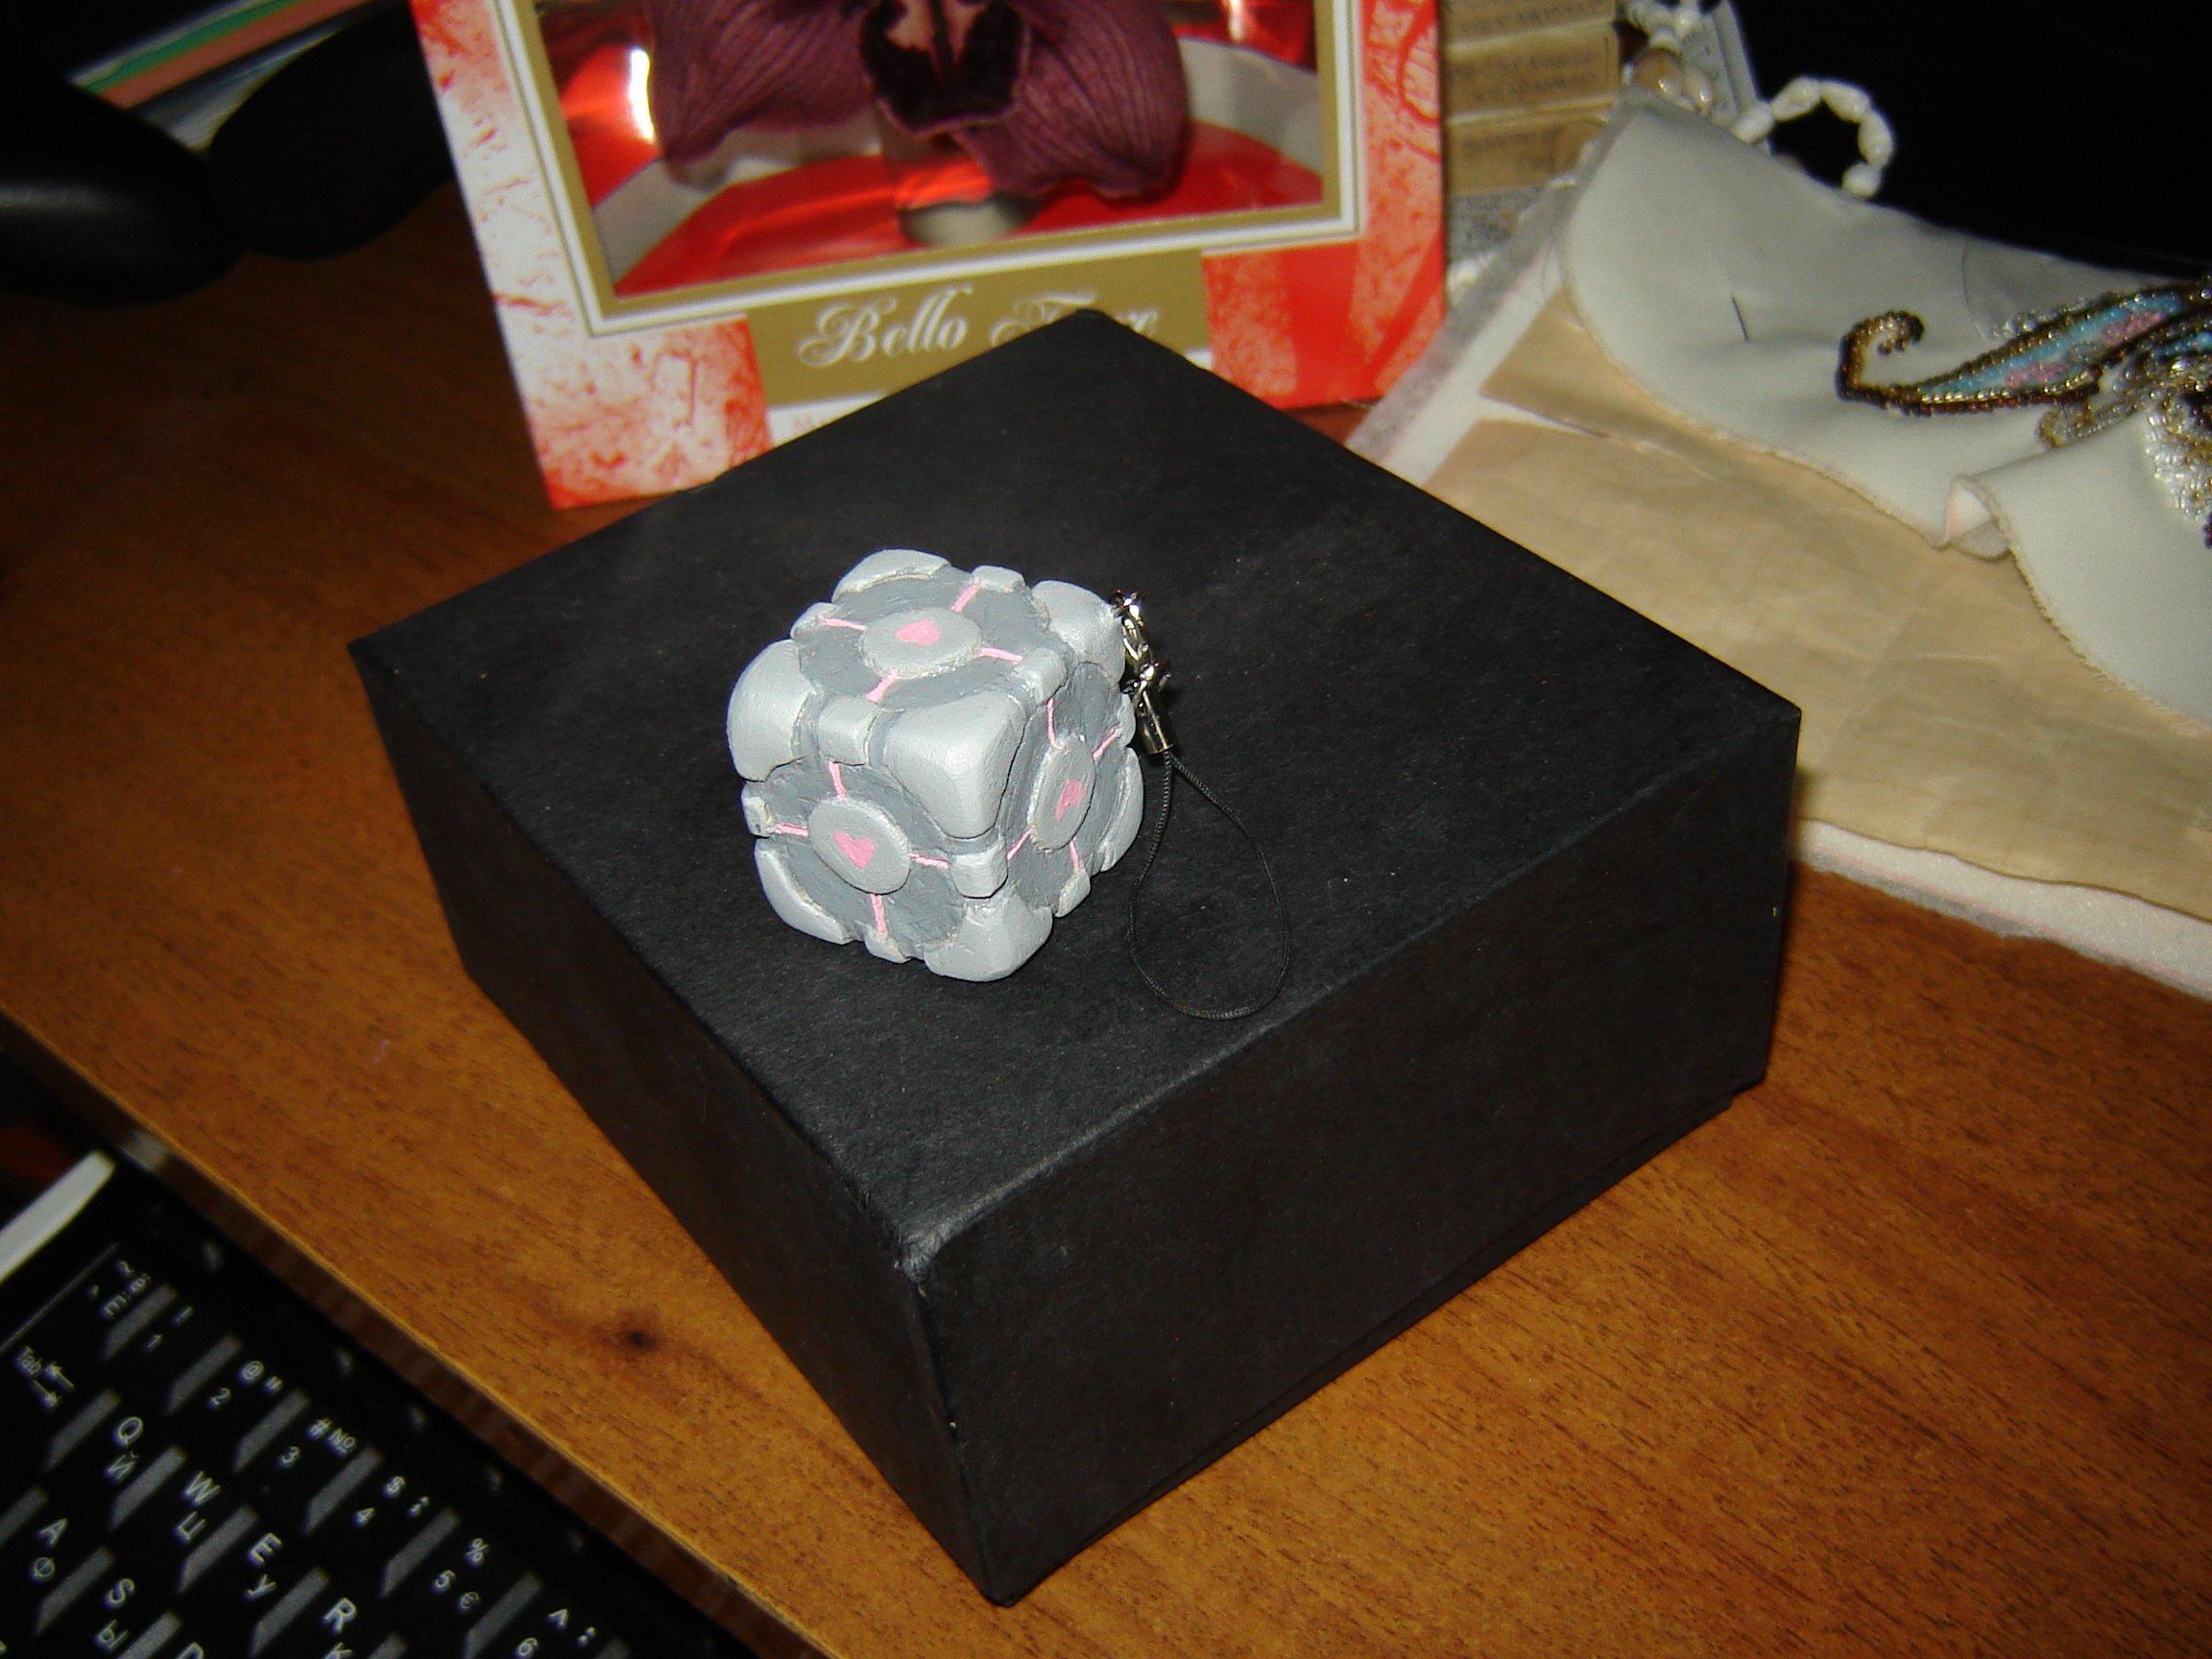 Как-то молодой человек попросил меня сделать ему из глины куб-компаньон из Portal. Лежал он на антресолях довольно д ... - Изображение 1